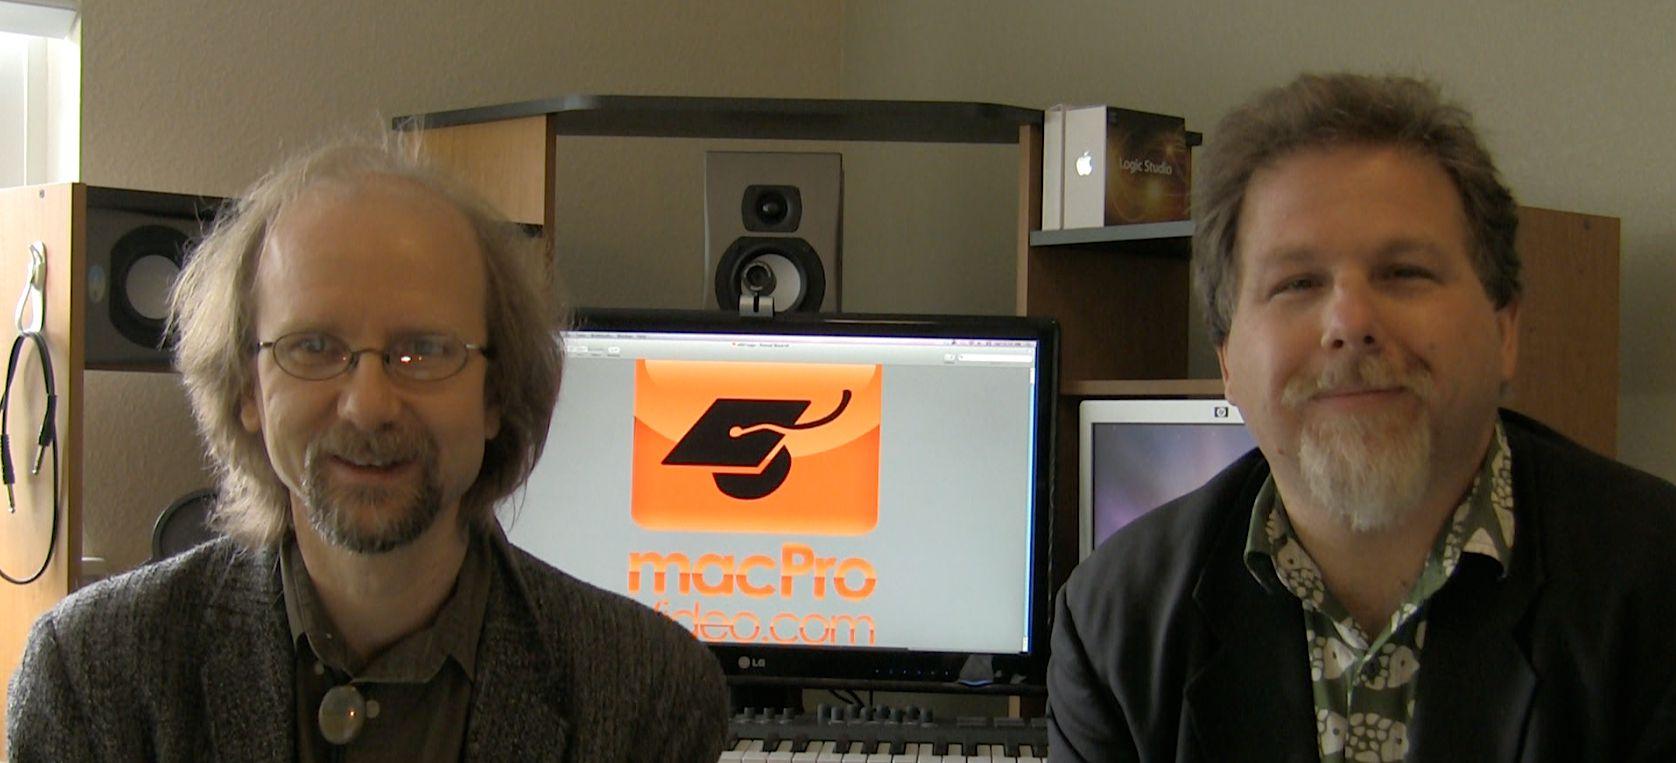 Scott Looney and Steve Horowitz